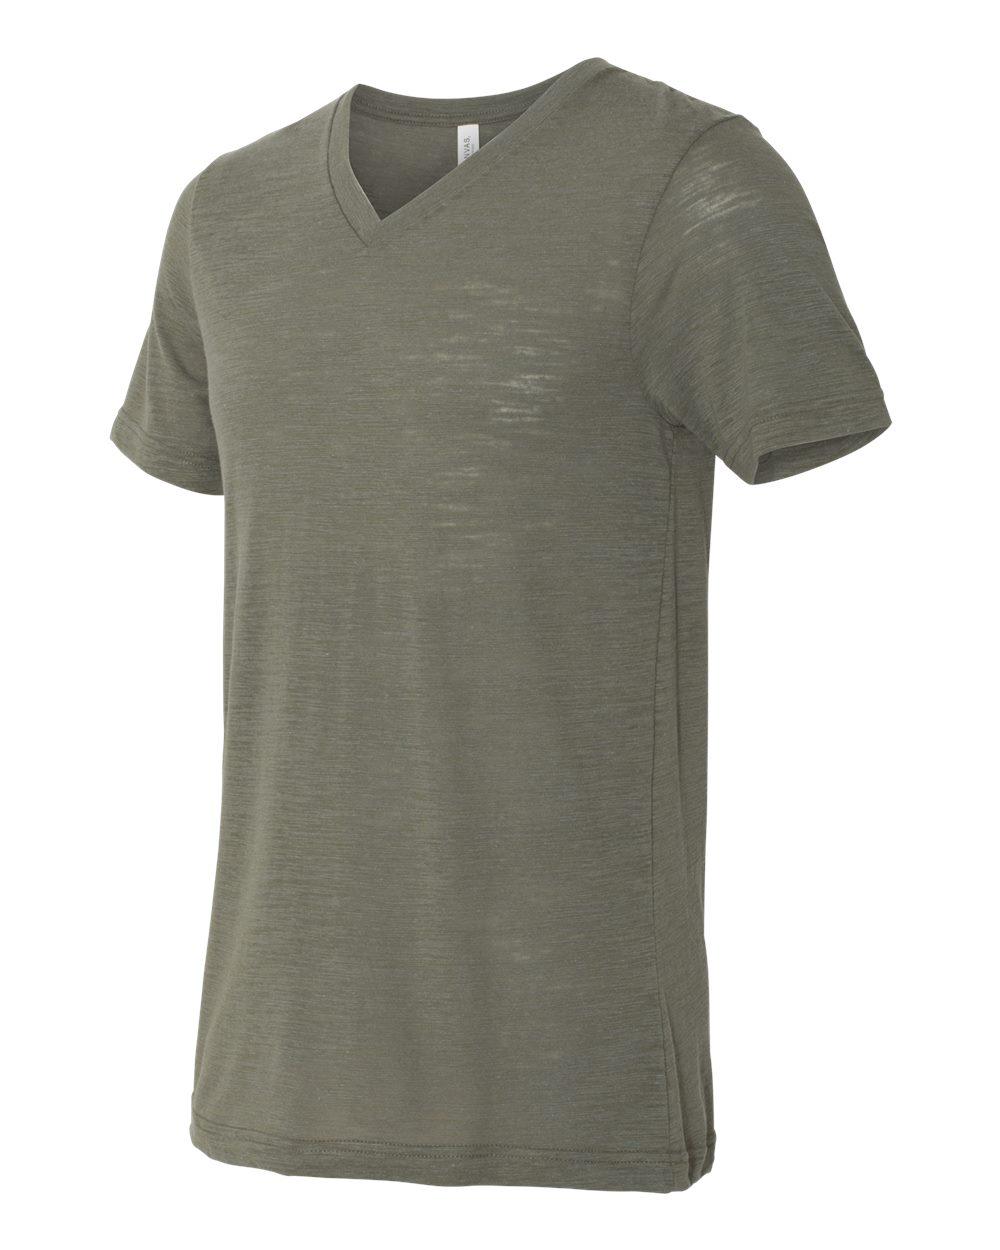 Bella-Canvas-Men-039-s-Jersey-Short-Sleeve-V-Neck-T-Shirt-3005-XS-3XL thumbnail 130